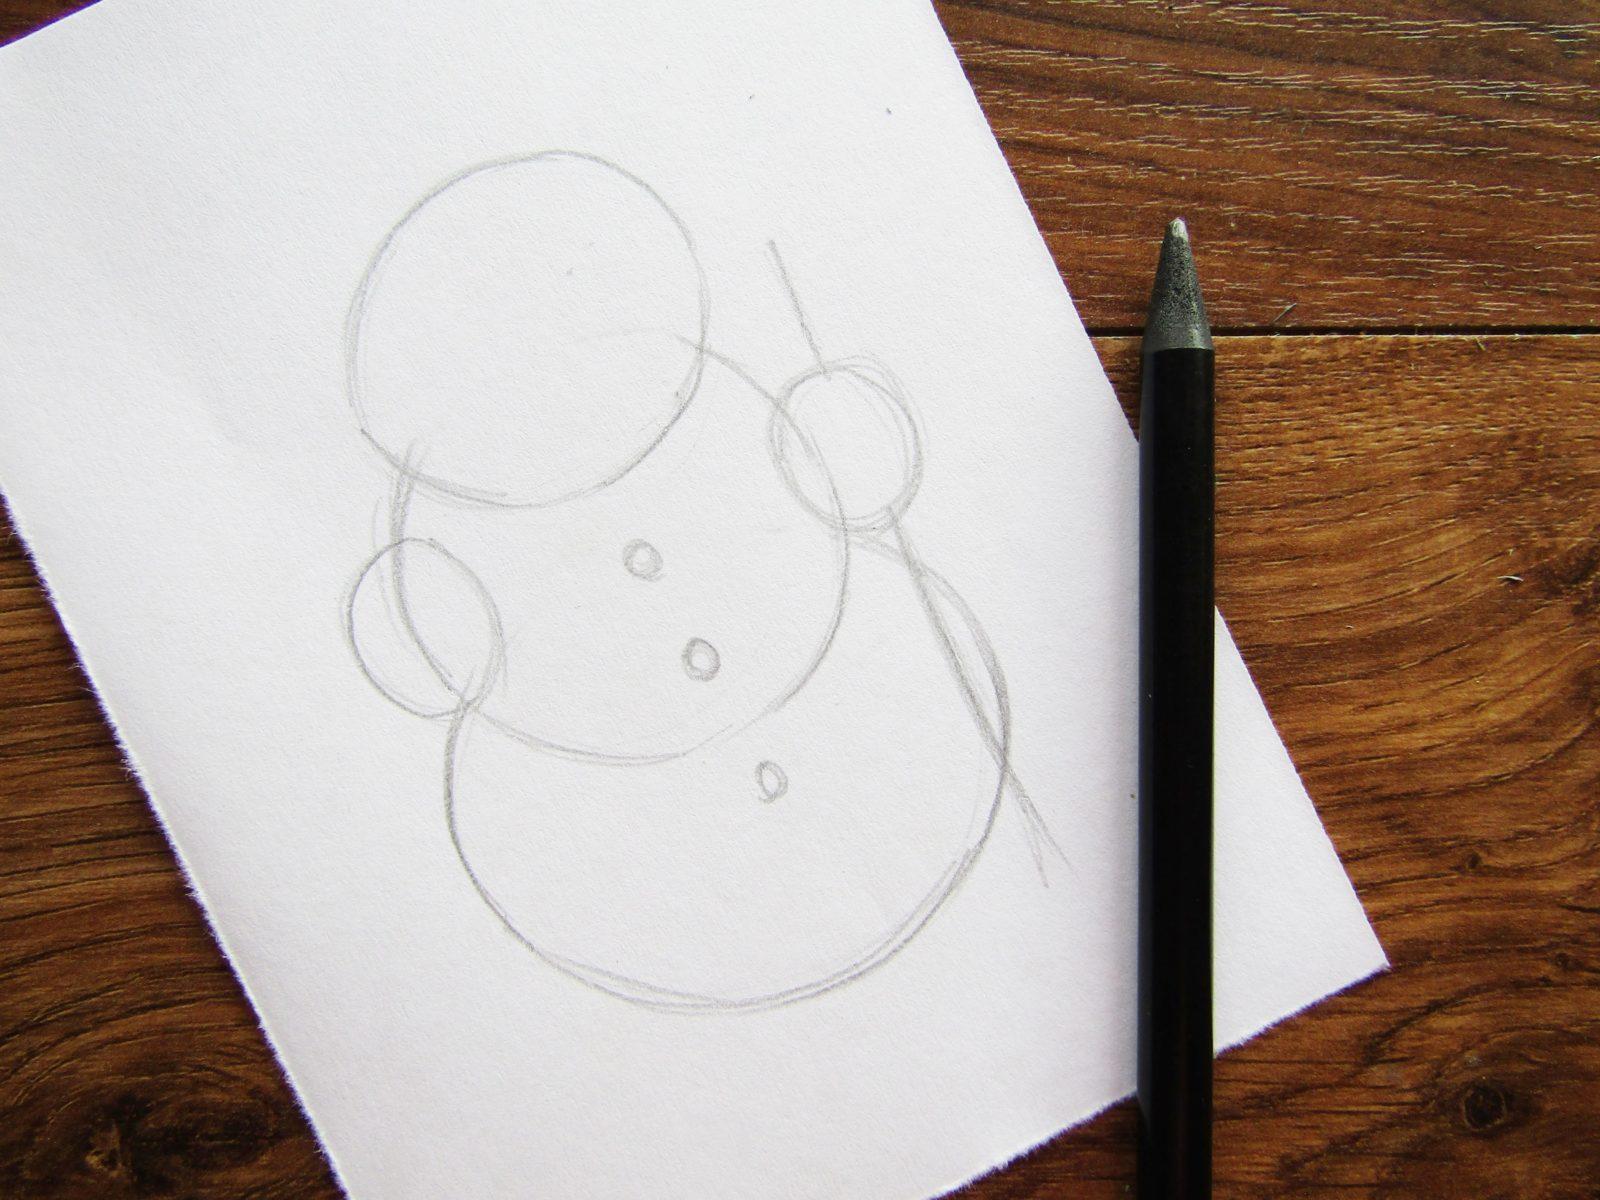 Как нарисовать снеговика гуашью - 3